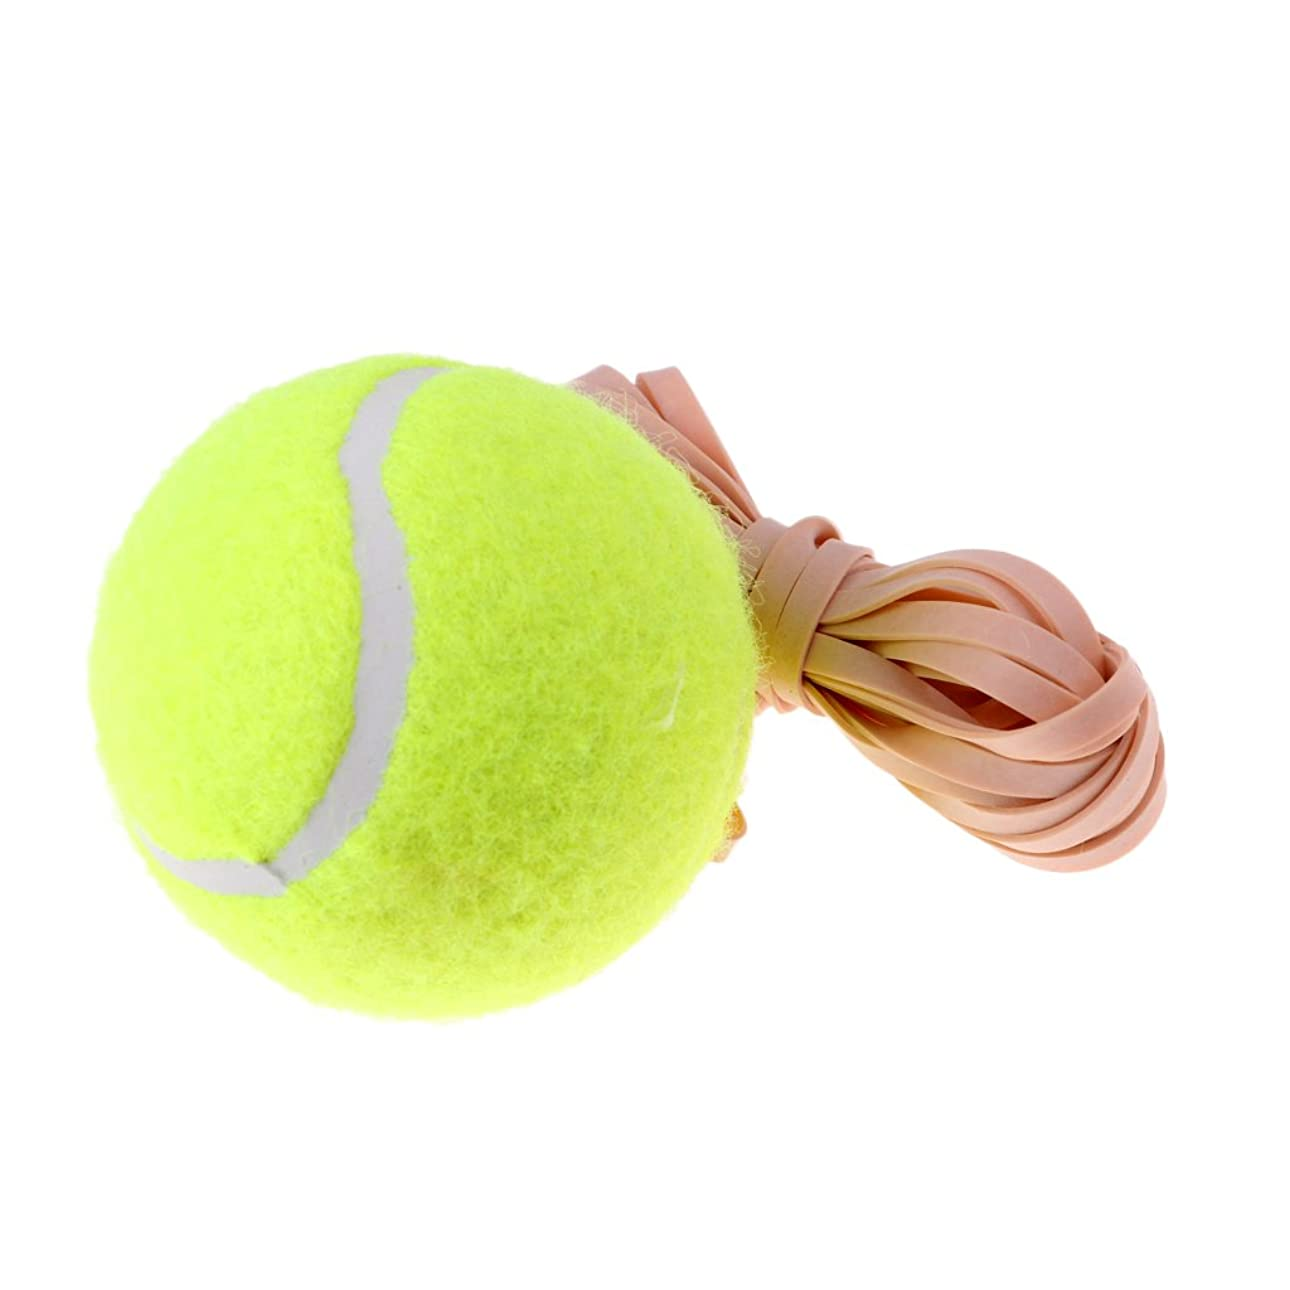 間に合わせ差別便利さprettyiaテニスボールwith String forテニストレーナー、リバウンドトレーナー交換用テニスボール独習Beginners